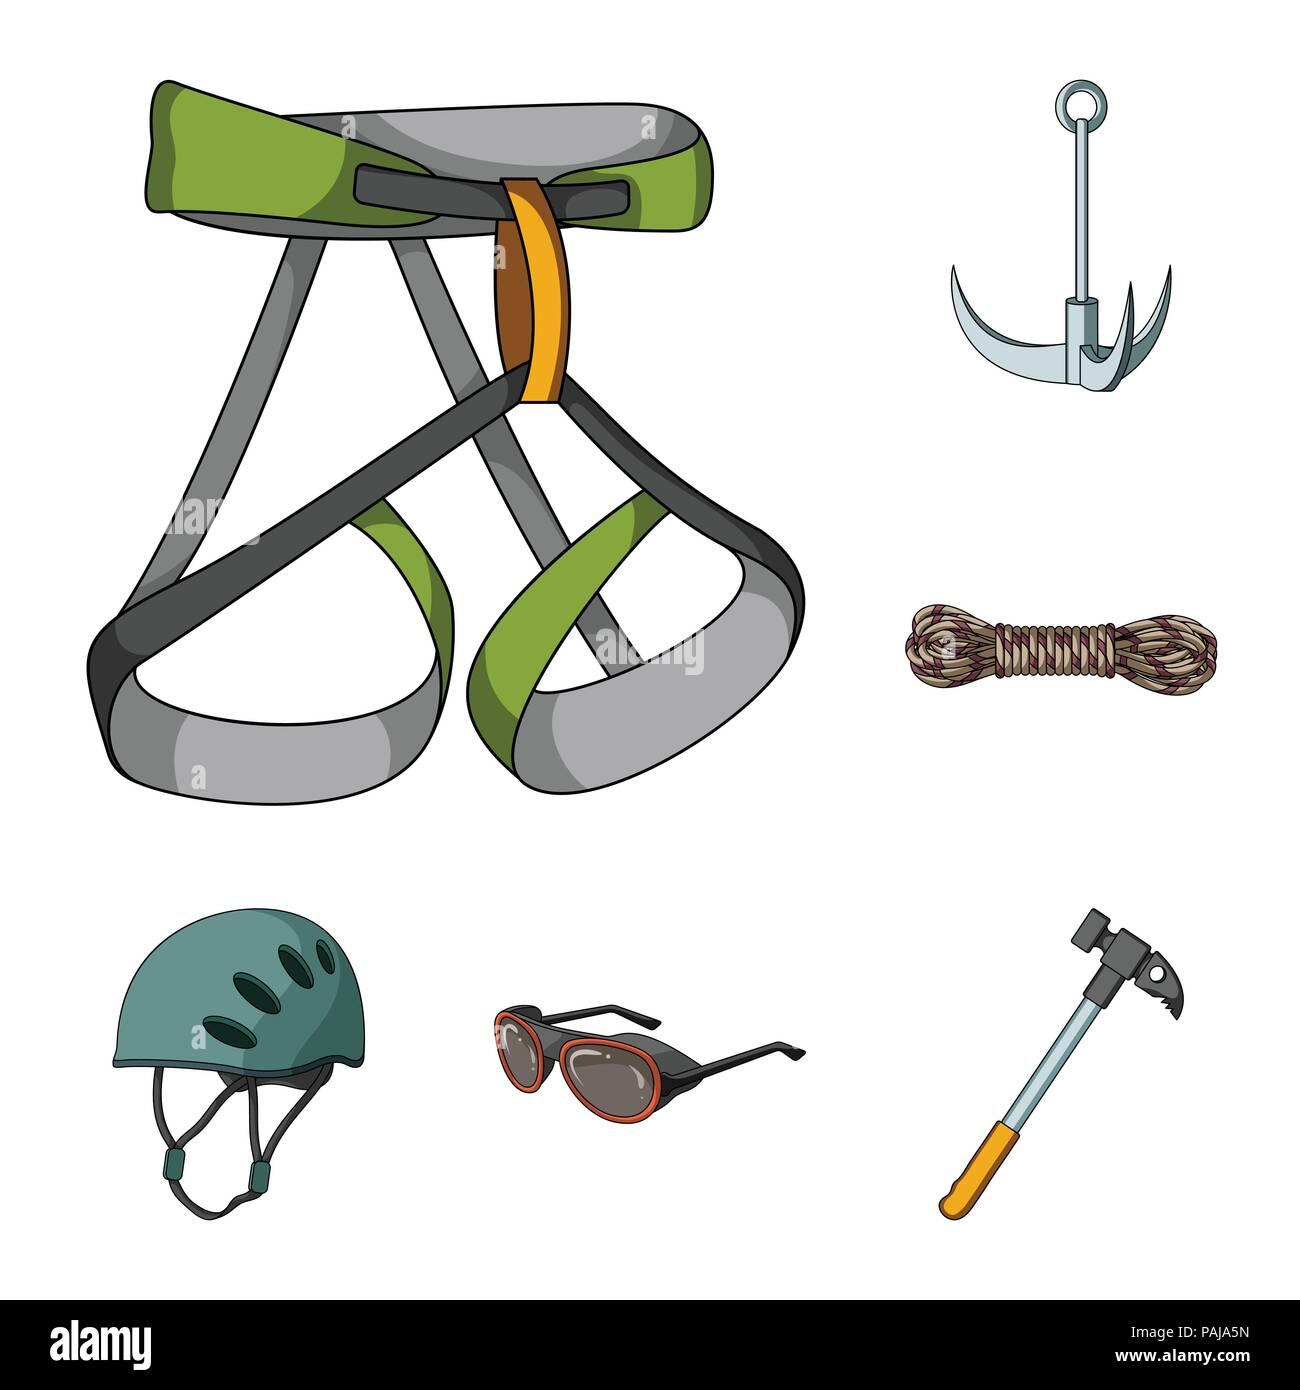 df08722f9ca Montañismo y escalada cartoon iconos en conjunto para el diseño. Equipos y  accesorios símbolo vector stock ilustración.